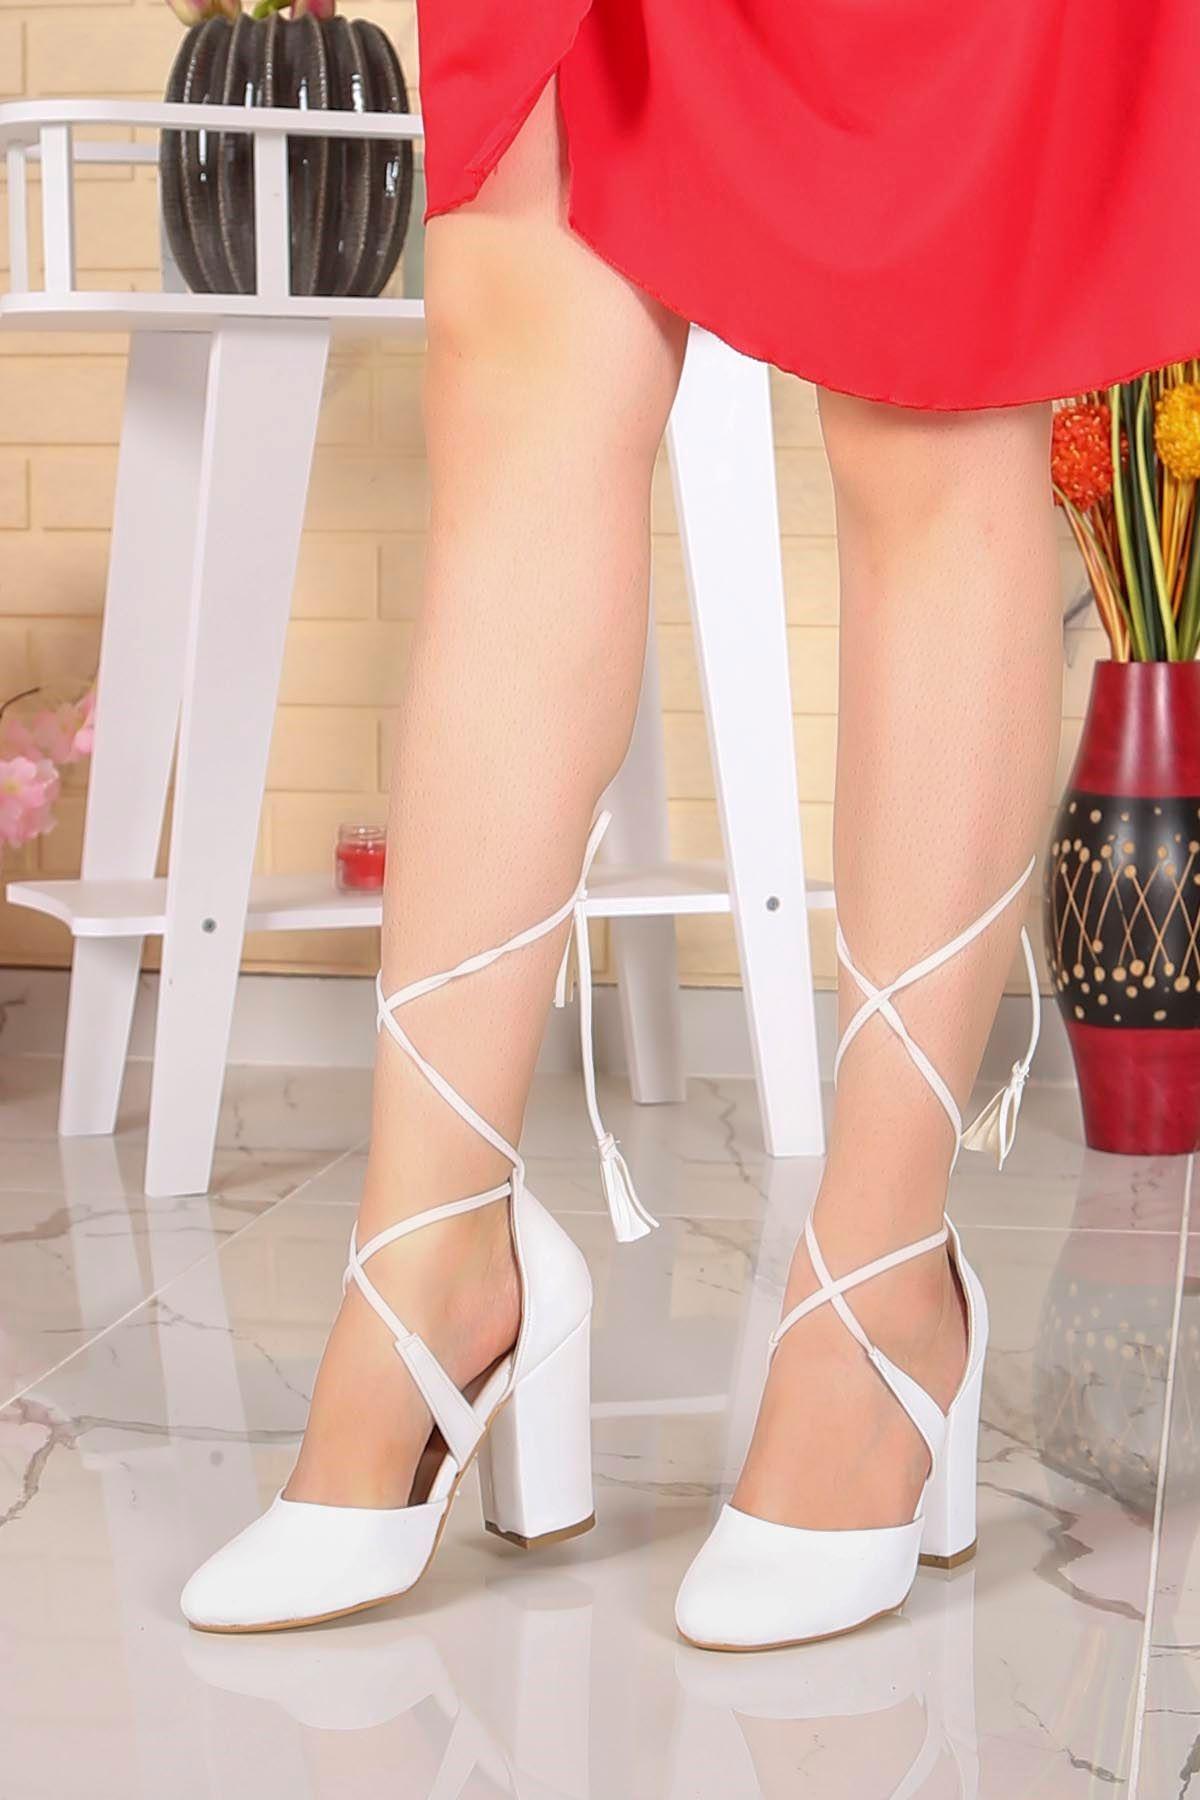 Tog-701 Bilekten Bağlamalı Topuklu Ayakkabı Beyaz Deri